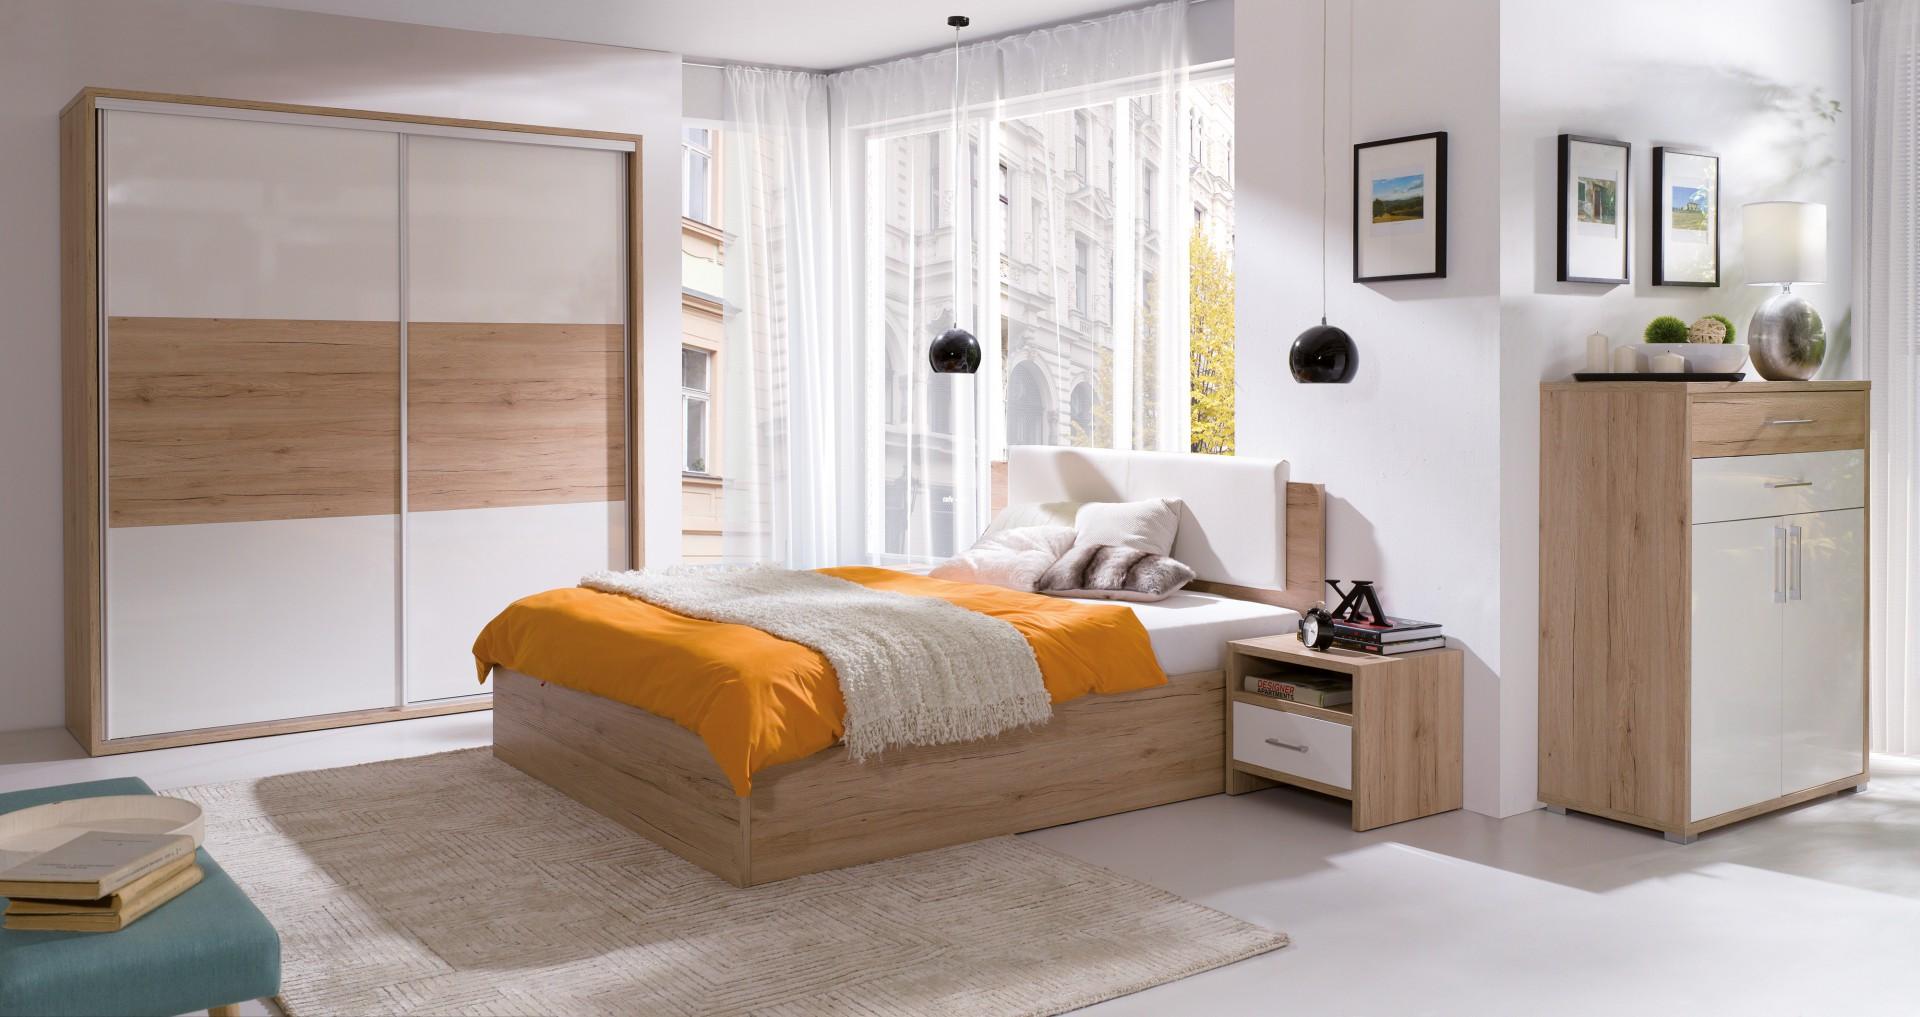 Sypialnia Pola charakteryzuje się prostymi, minimalistycznymi kształtami. W skład kolekcji wchodzą szafy w dwóch szerokościach, komody, stoliki nocne i półki. Fot. Wajnert Meble